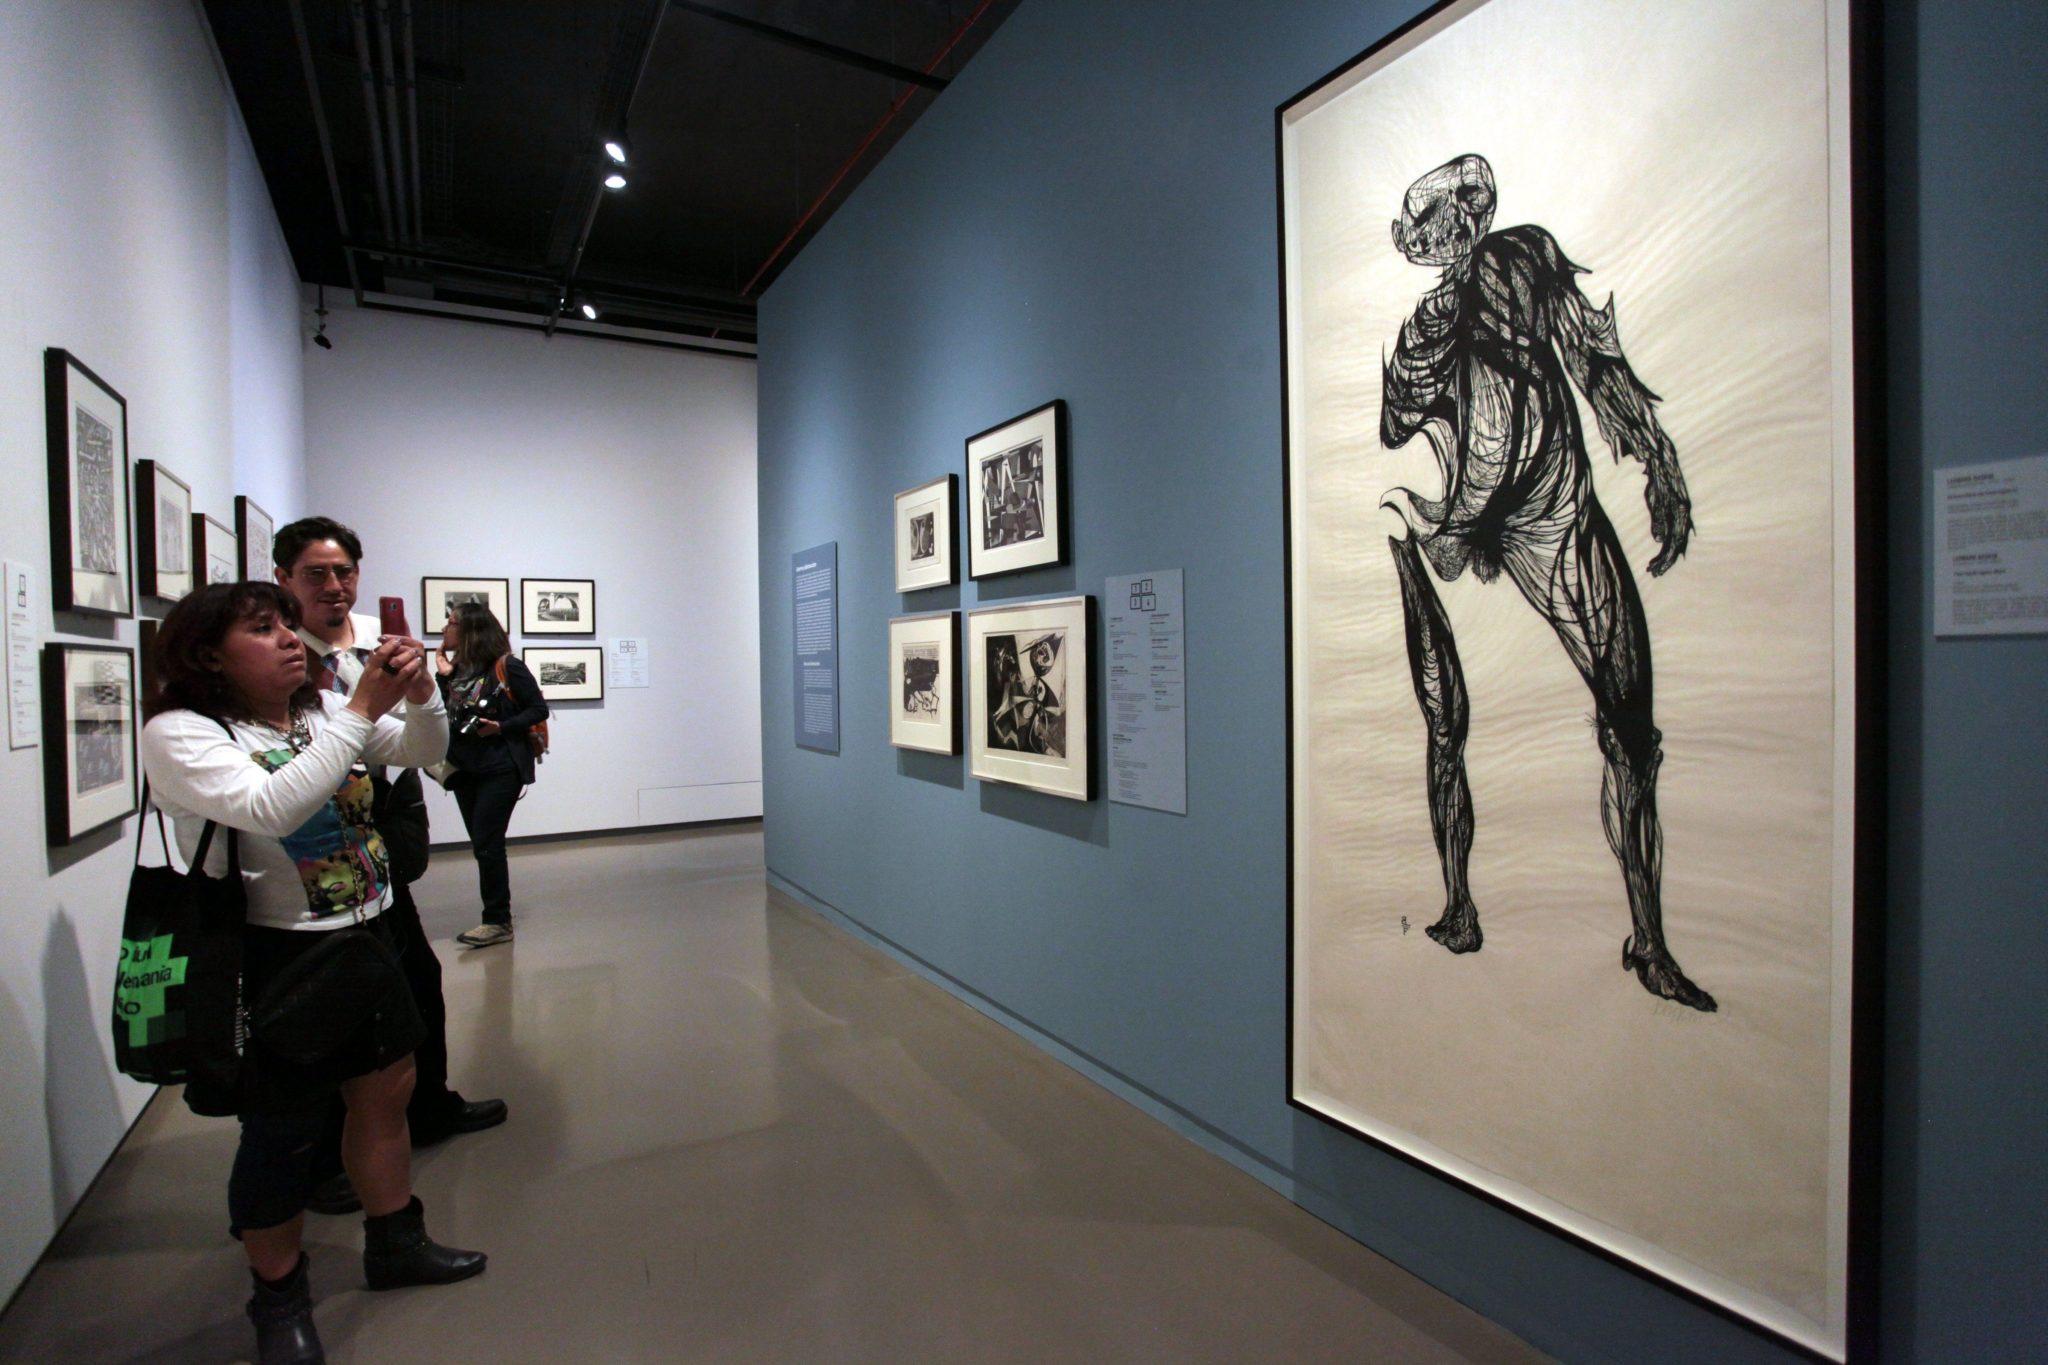 Meksyk: wystawa prac Leonarda Sandiego w Galerii Sztuki w Mexico City (foto. PAP/EPA/SASHENKA GUTIERREZ)